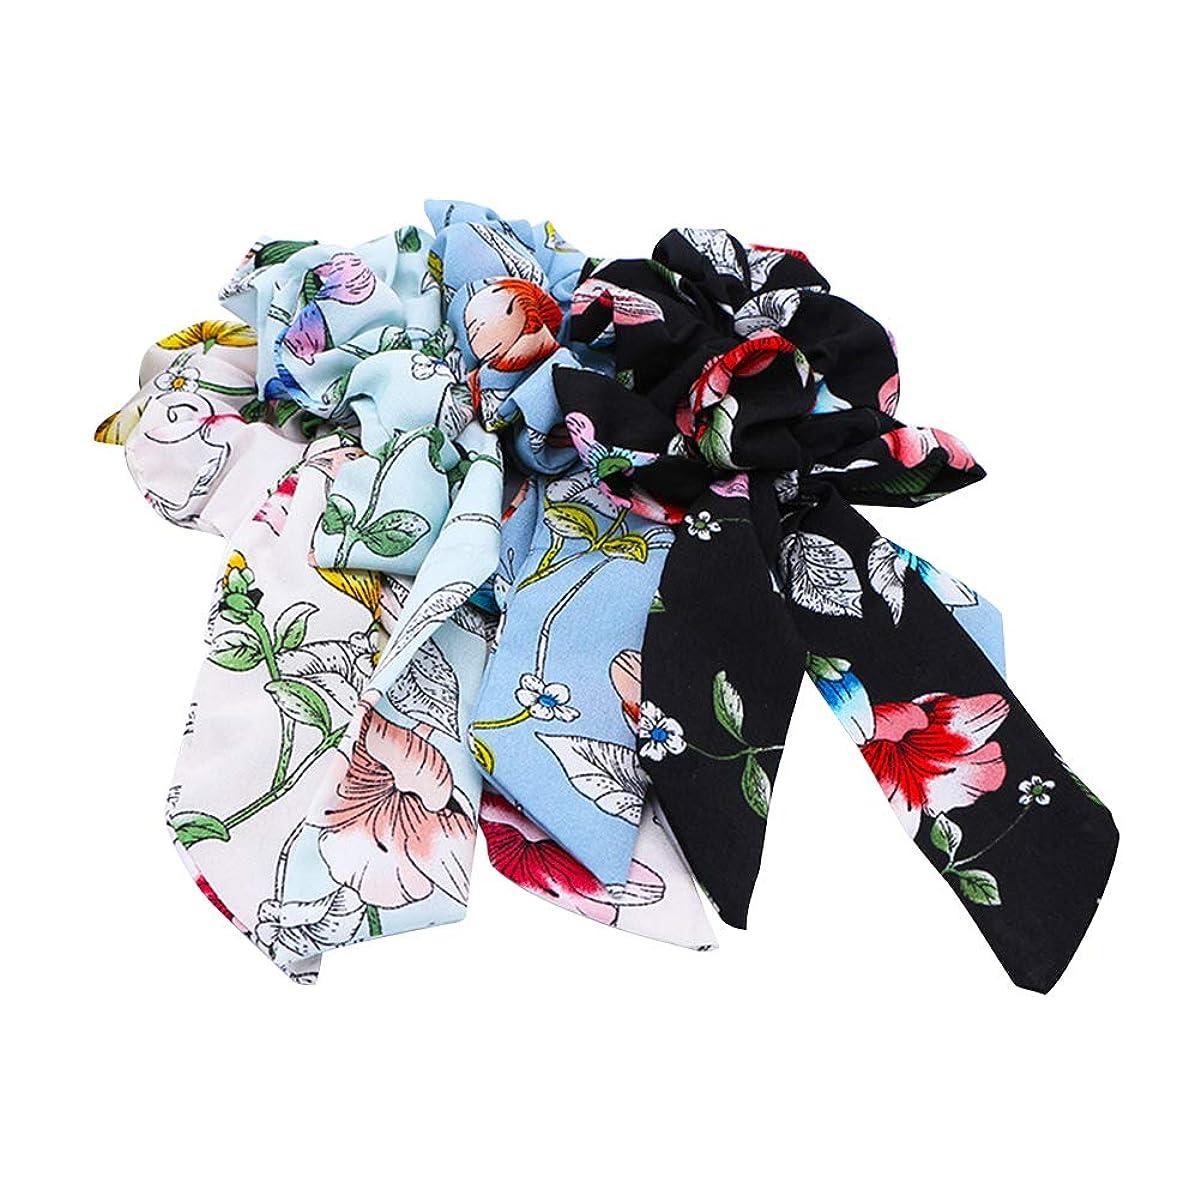 血統セッションカーテンLURROSE 4個プリントストレッチヘアネクタイ弾性布アートヘアロープポニーテールホルダー女性用ヘアアクセサリー(ホワイト、ブラック、ライトブルー、ブルー、各1個)